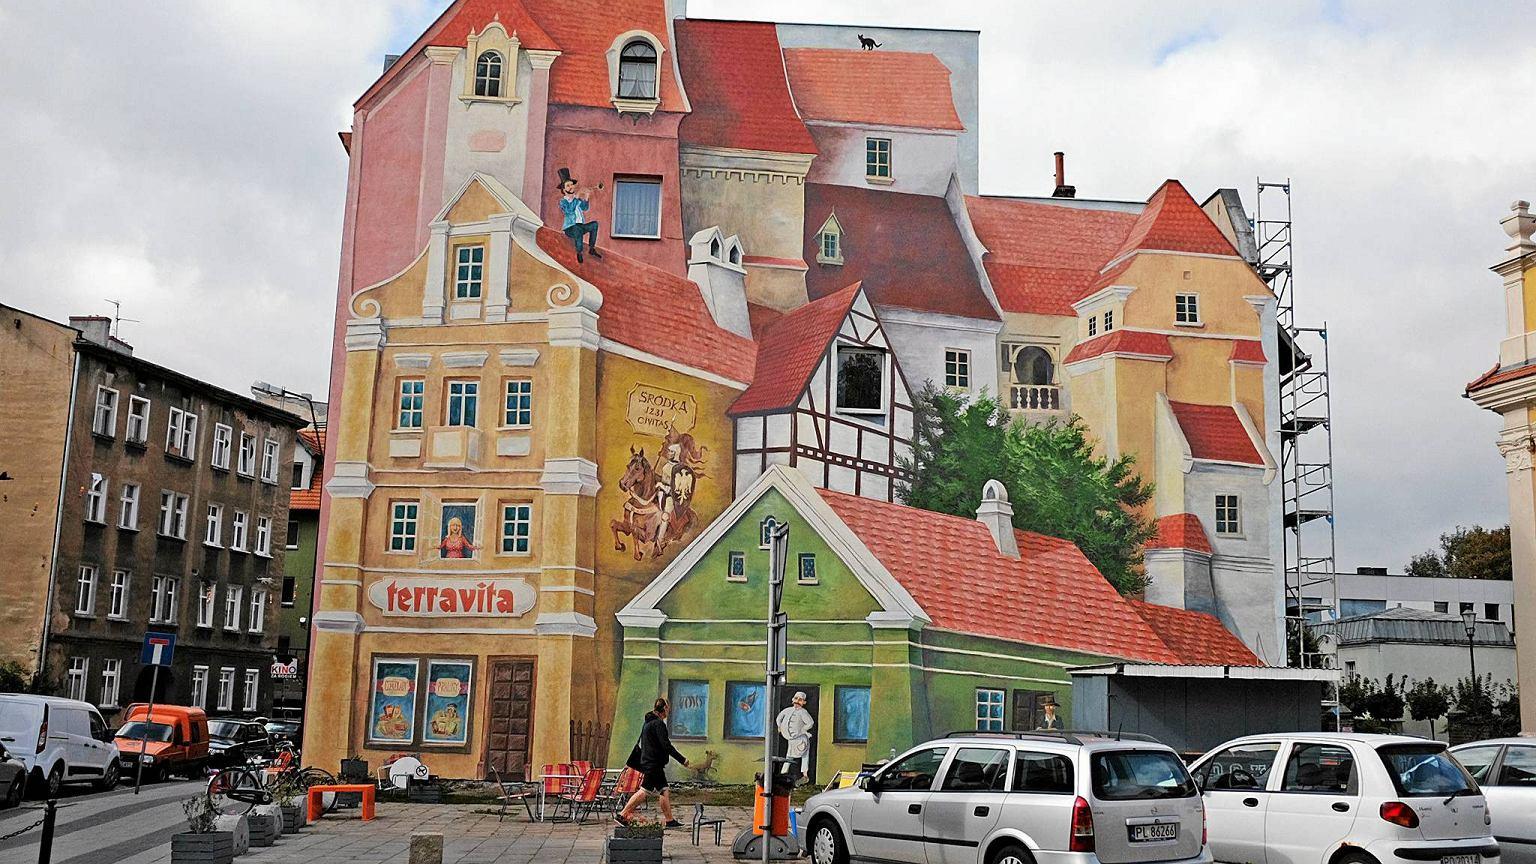 Tr jwymiarowy mural w poznaniu robi furor za granic for Mural na tamie w solinie